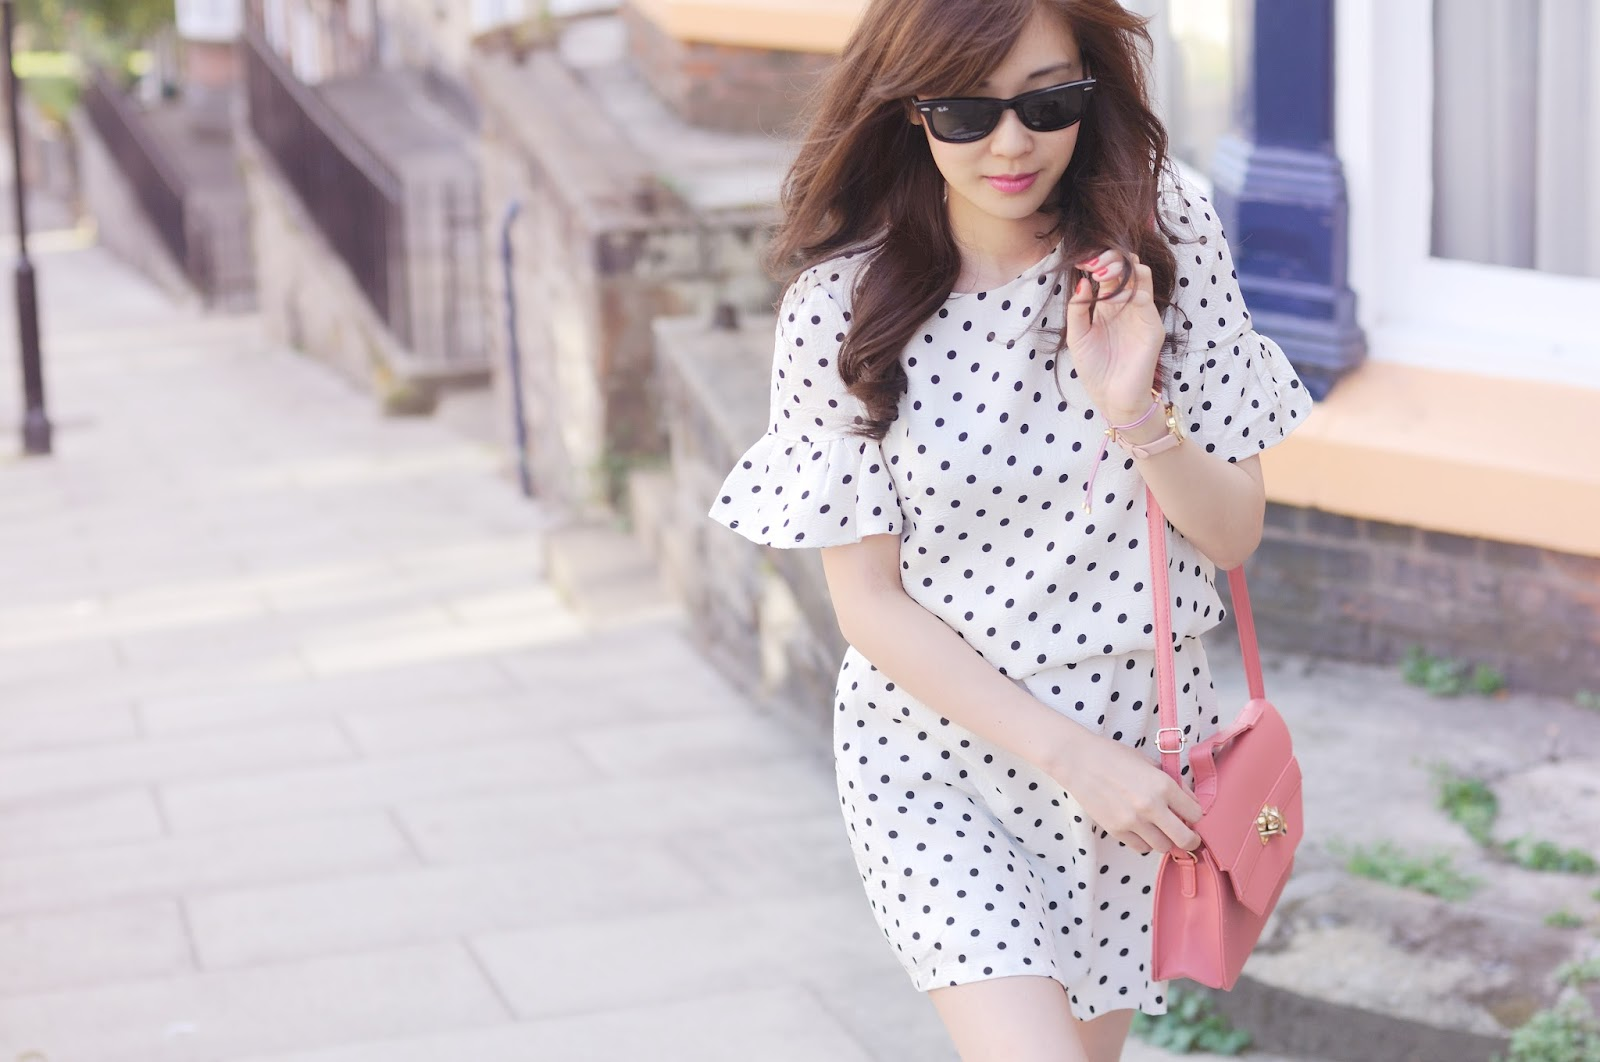 how to wear a polka dot dress, ways to wear a polka dot dress in summer, fashion blogger uk